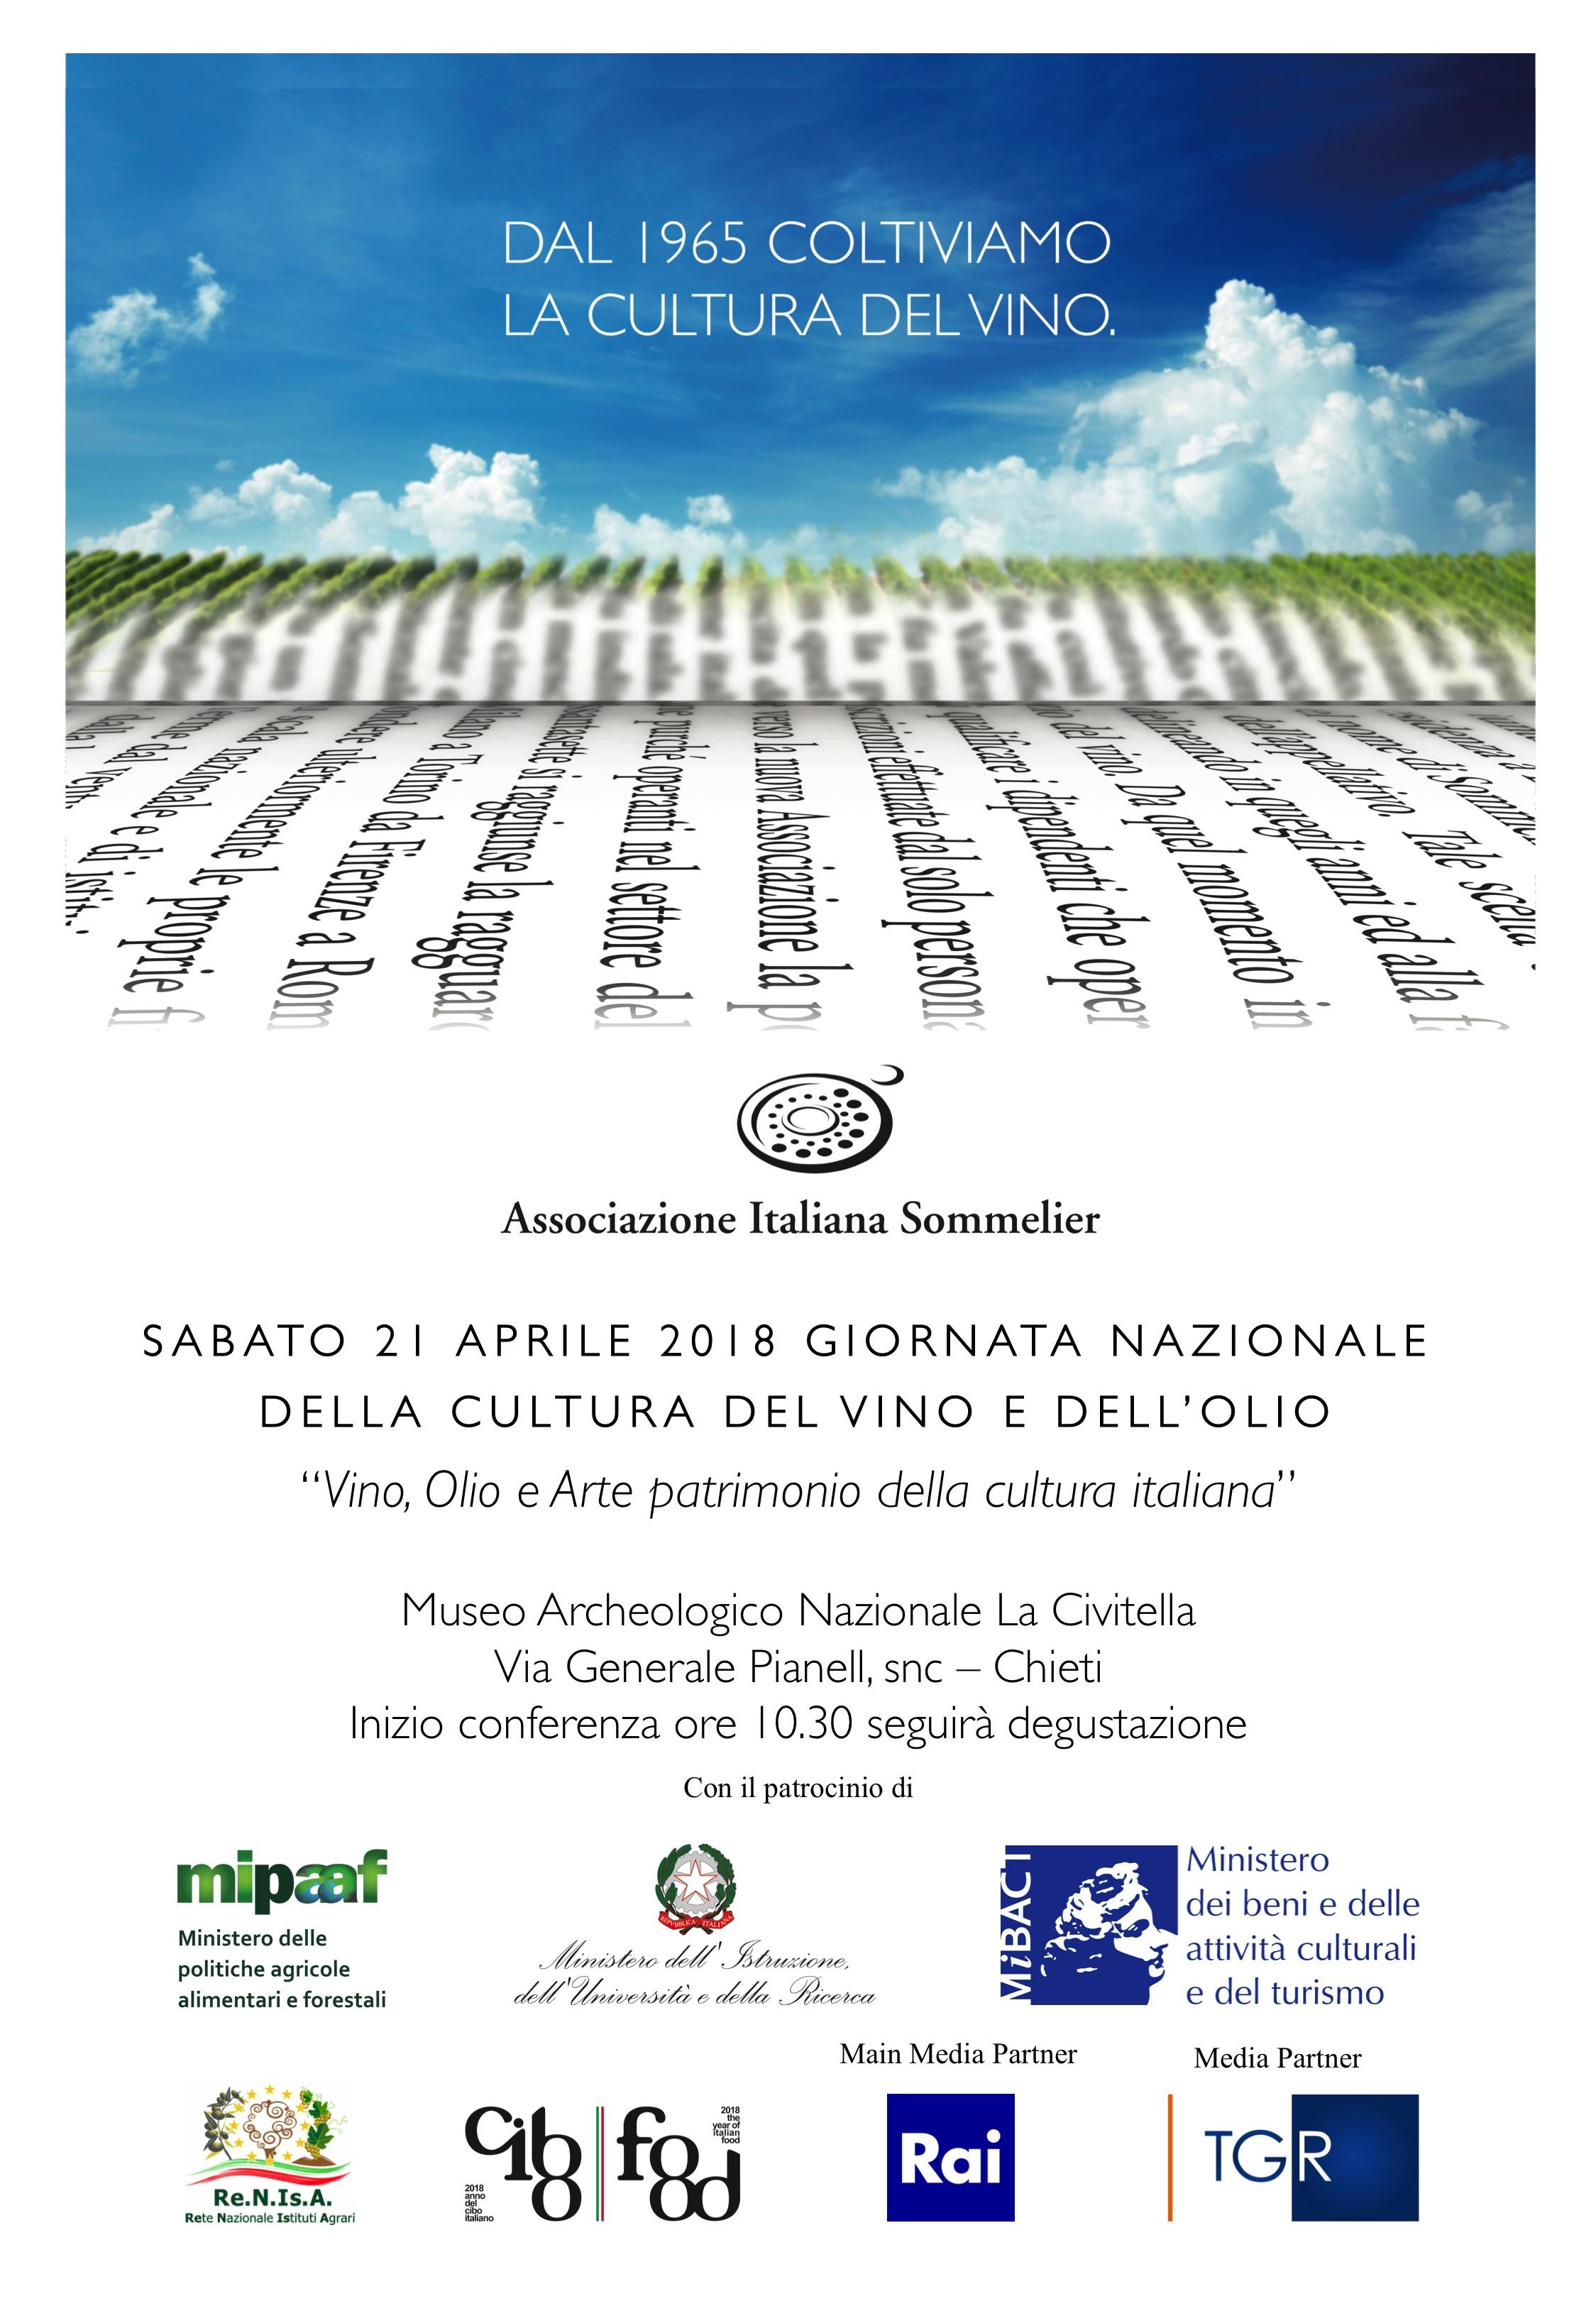 Sabato 21 aprile 2018 – Giornata Nazionale della cultura del vino e dell'olio